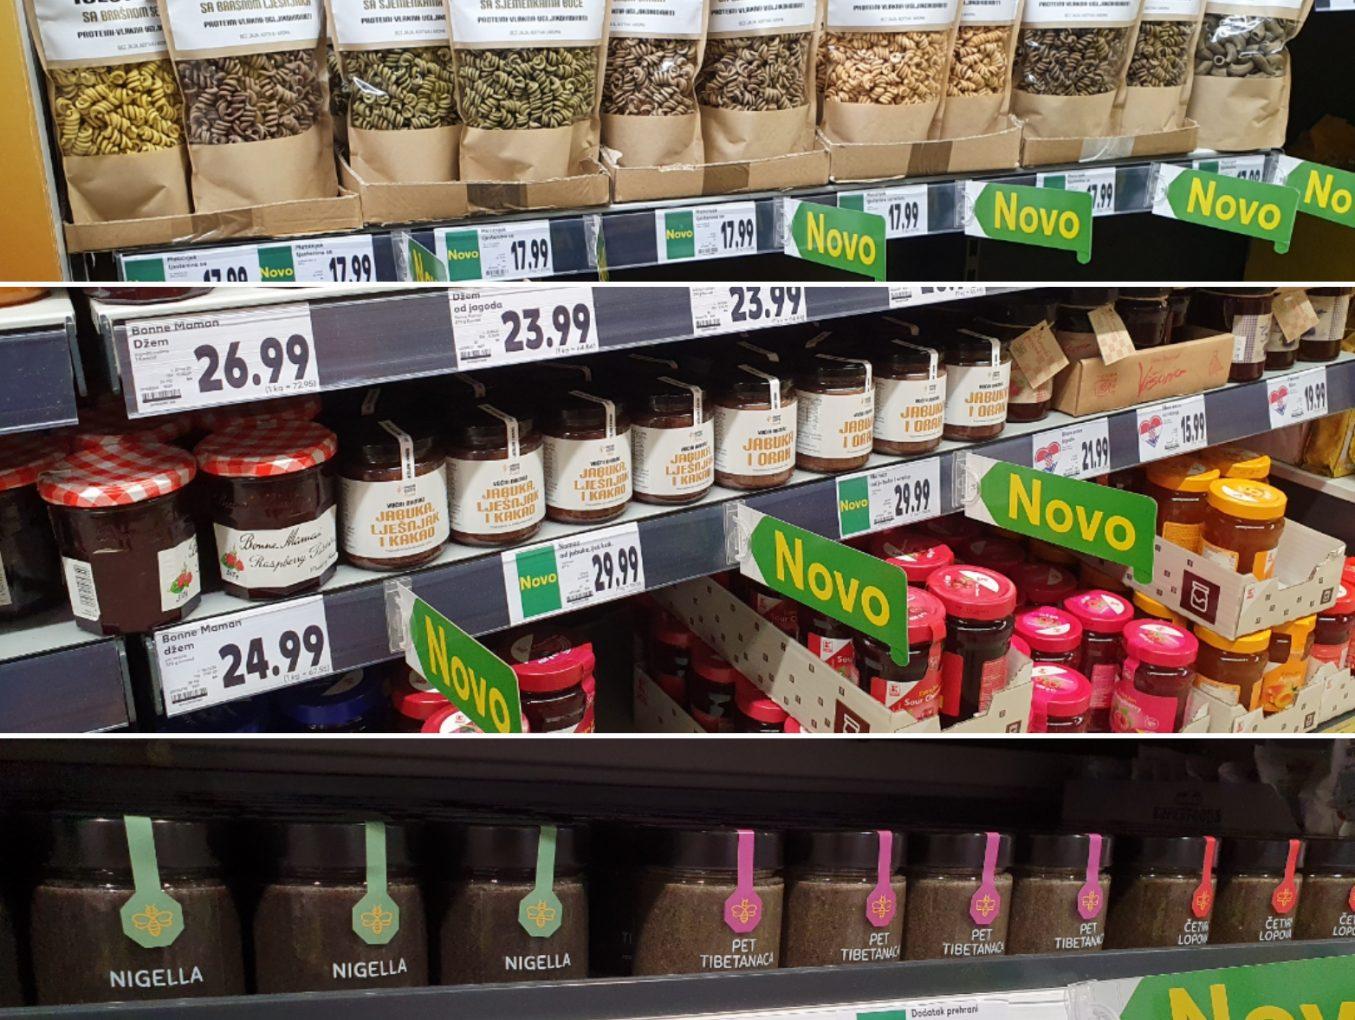 Kauflandovih 14 prodajnih mjesta uvrstilo naše tjestenine i namaze te dodatke prehrani na bazi meda!